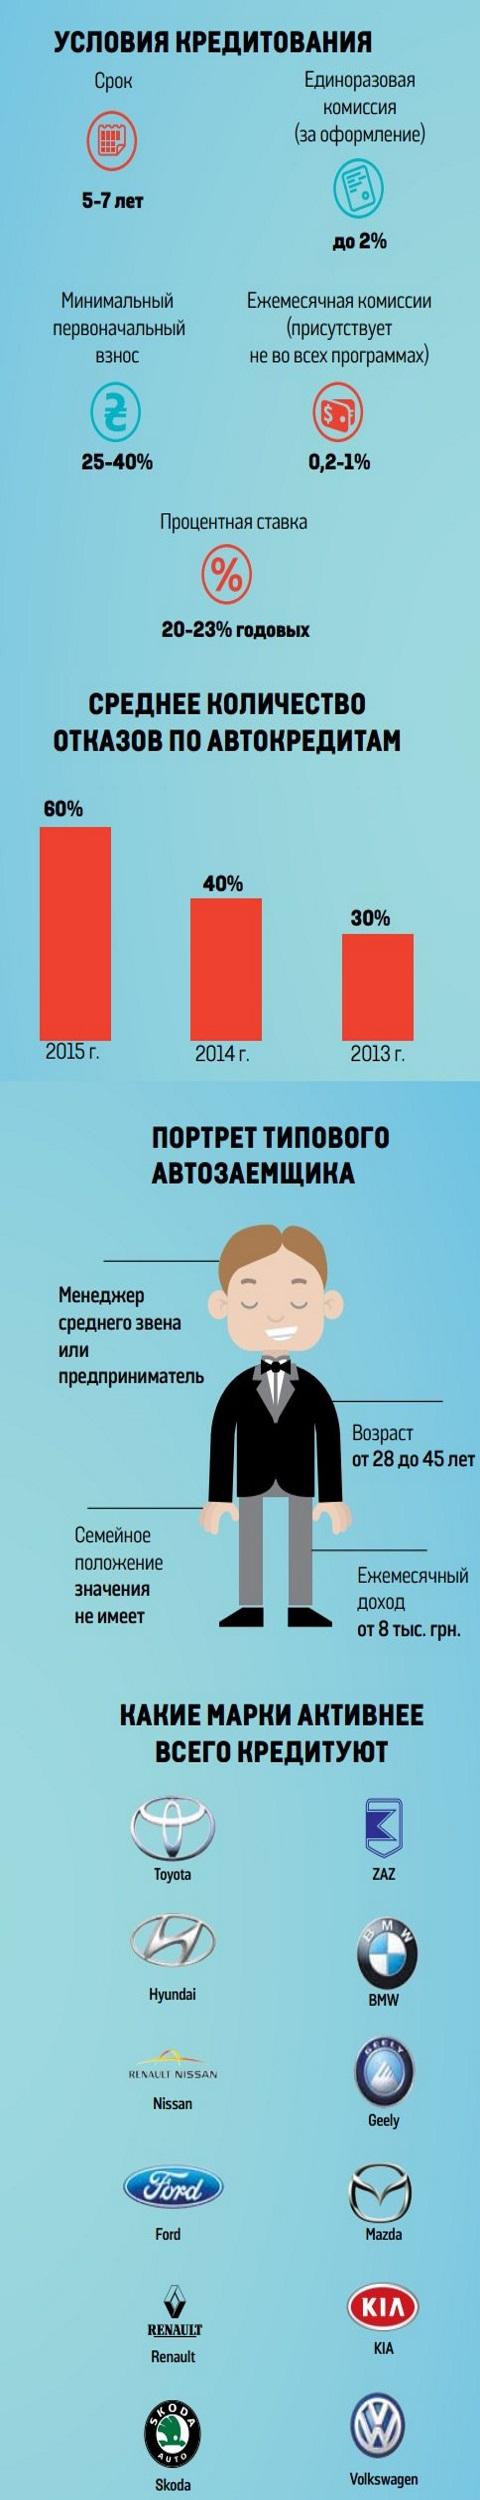 Изменения в правилах автокредитования  банков Украины